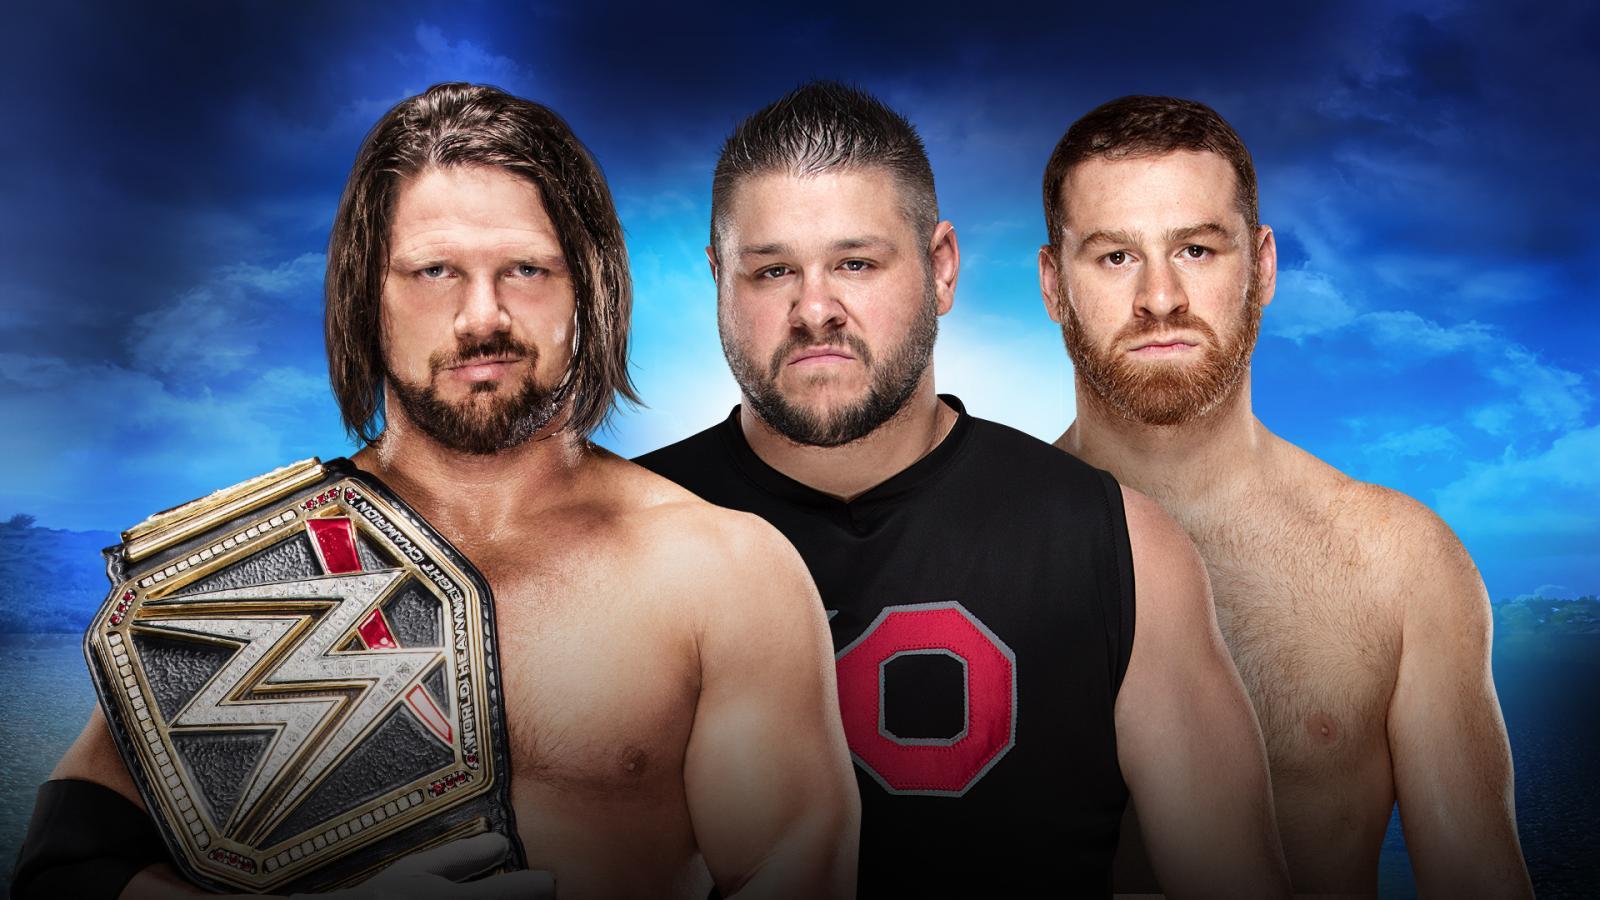 ROYAL RUMBLE 2018 RESULT: क्या एजे स्टाइल्स को दो रेस्लरो से एक साथ भिड़ना महँगा पड़ गया, जाने कौन बना नया WWE चैम्पियन 31